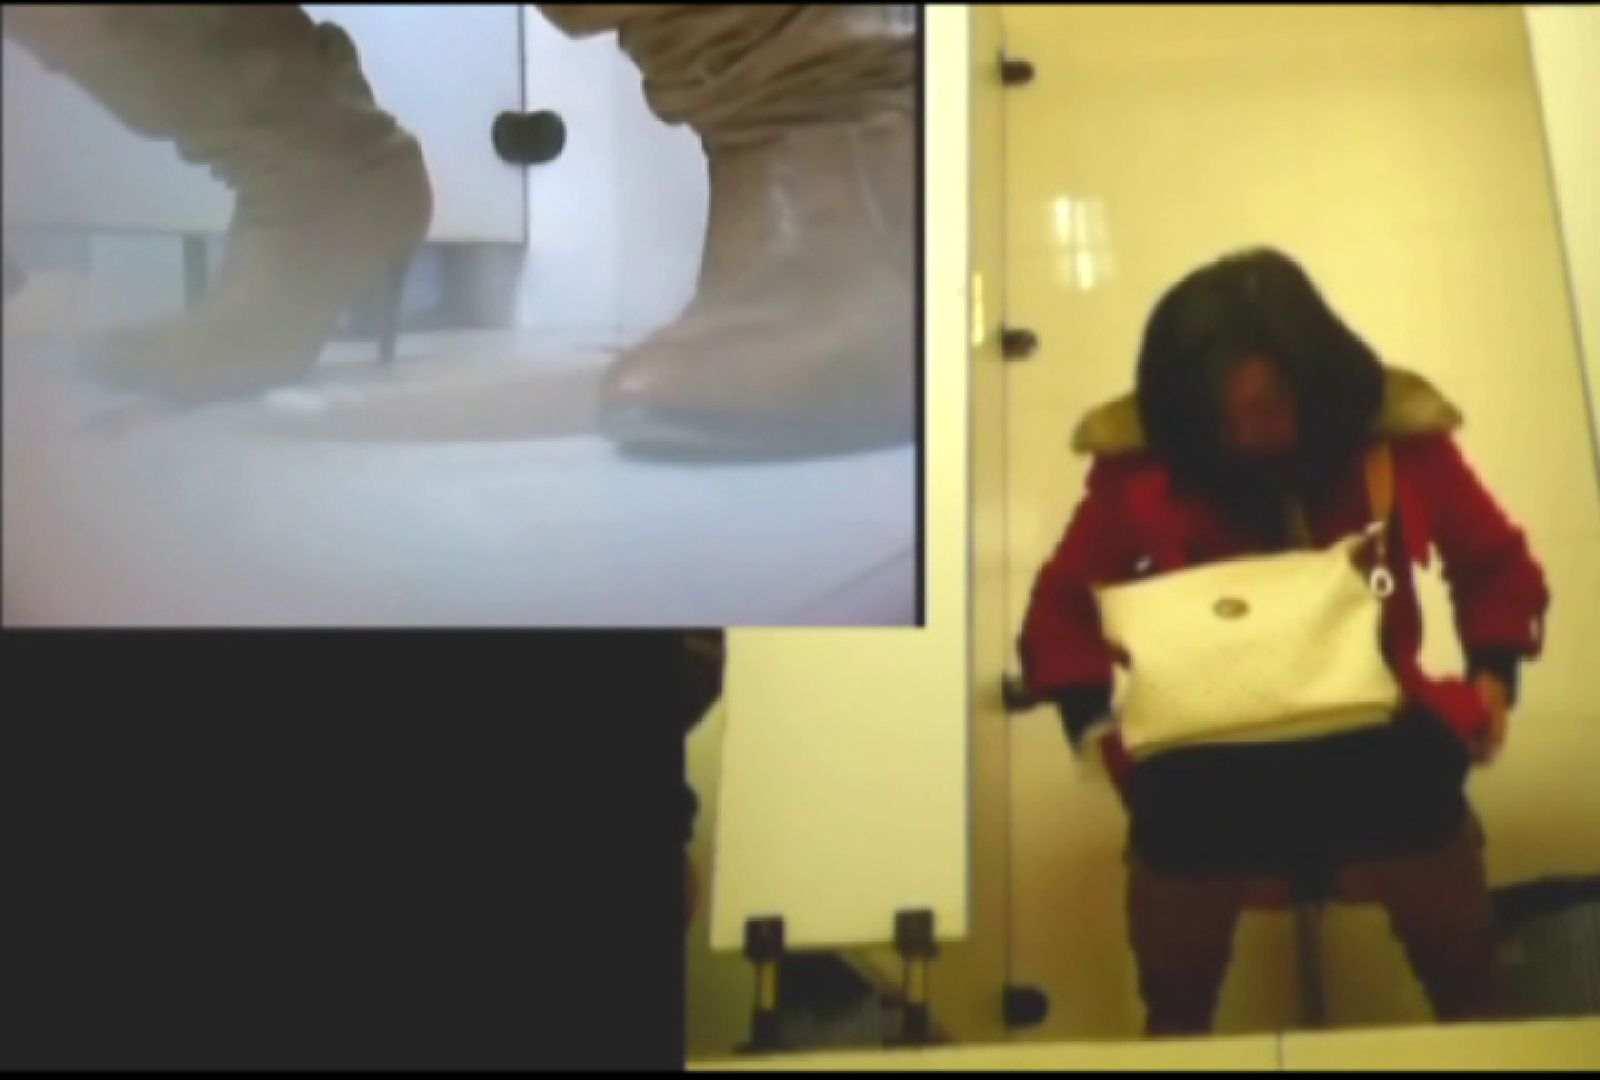 洗面所で暗躍する撮師たちの潜入記Vol.4 エロティックなOL スケベ動画紹介 104画像 22